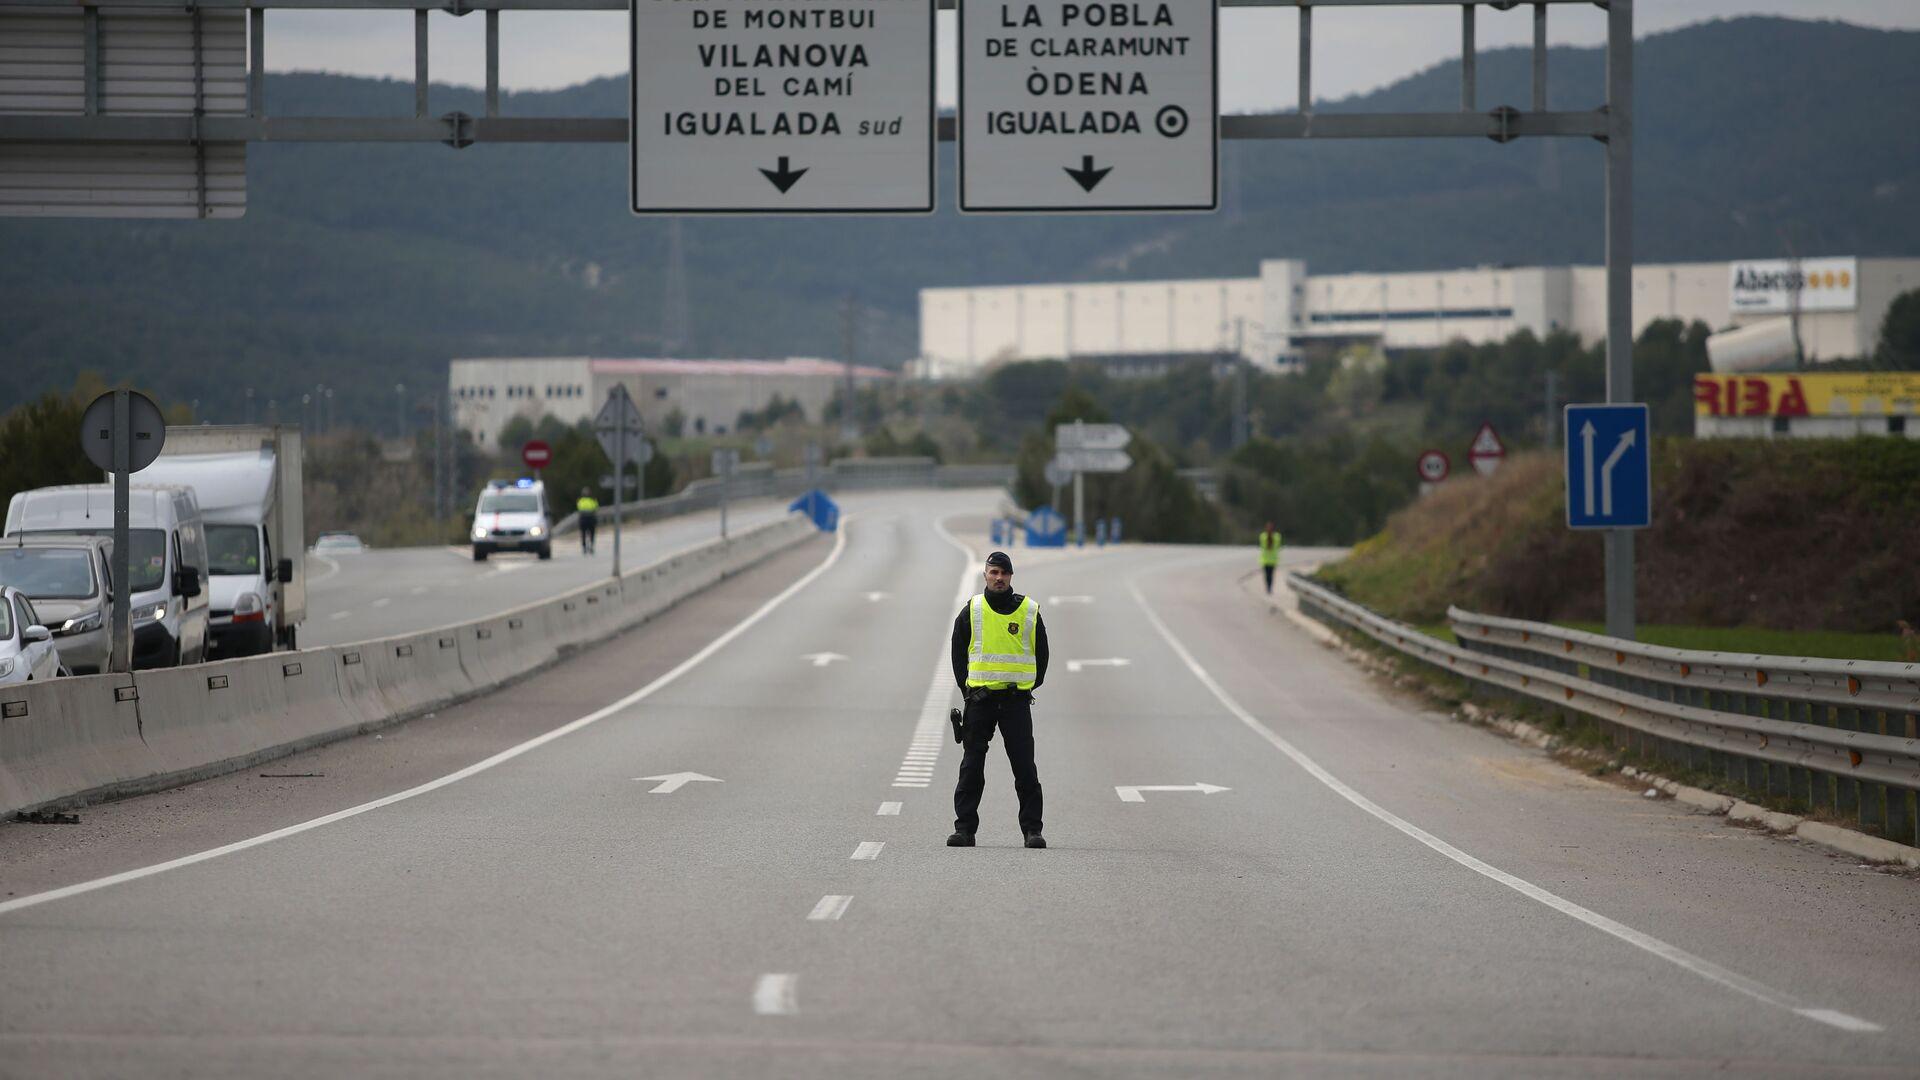 Un policía catalán en un control en una carretera de Cataluña - Sputnik Mundo, 1920, 14.07.2021